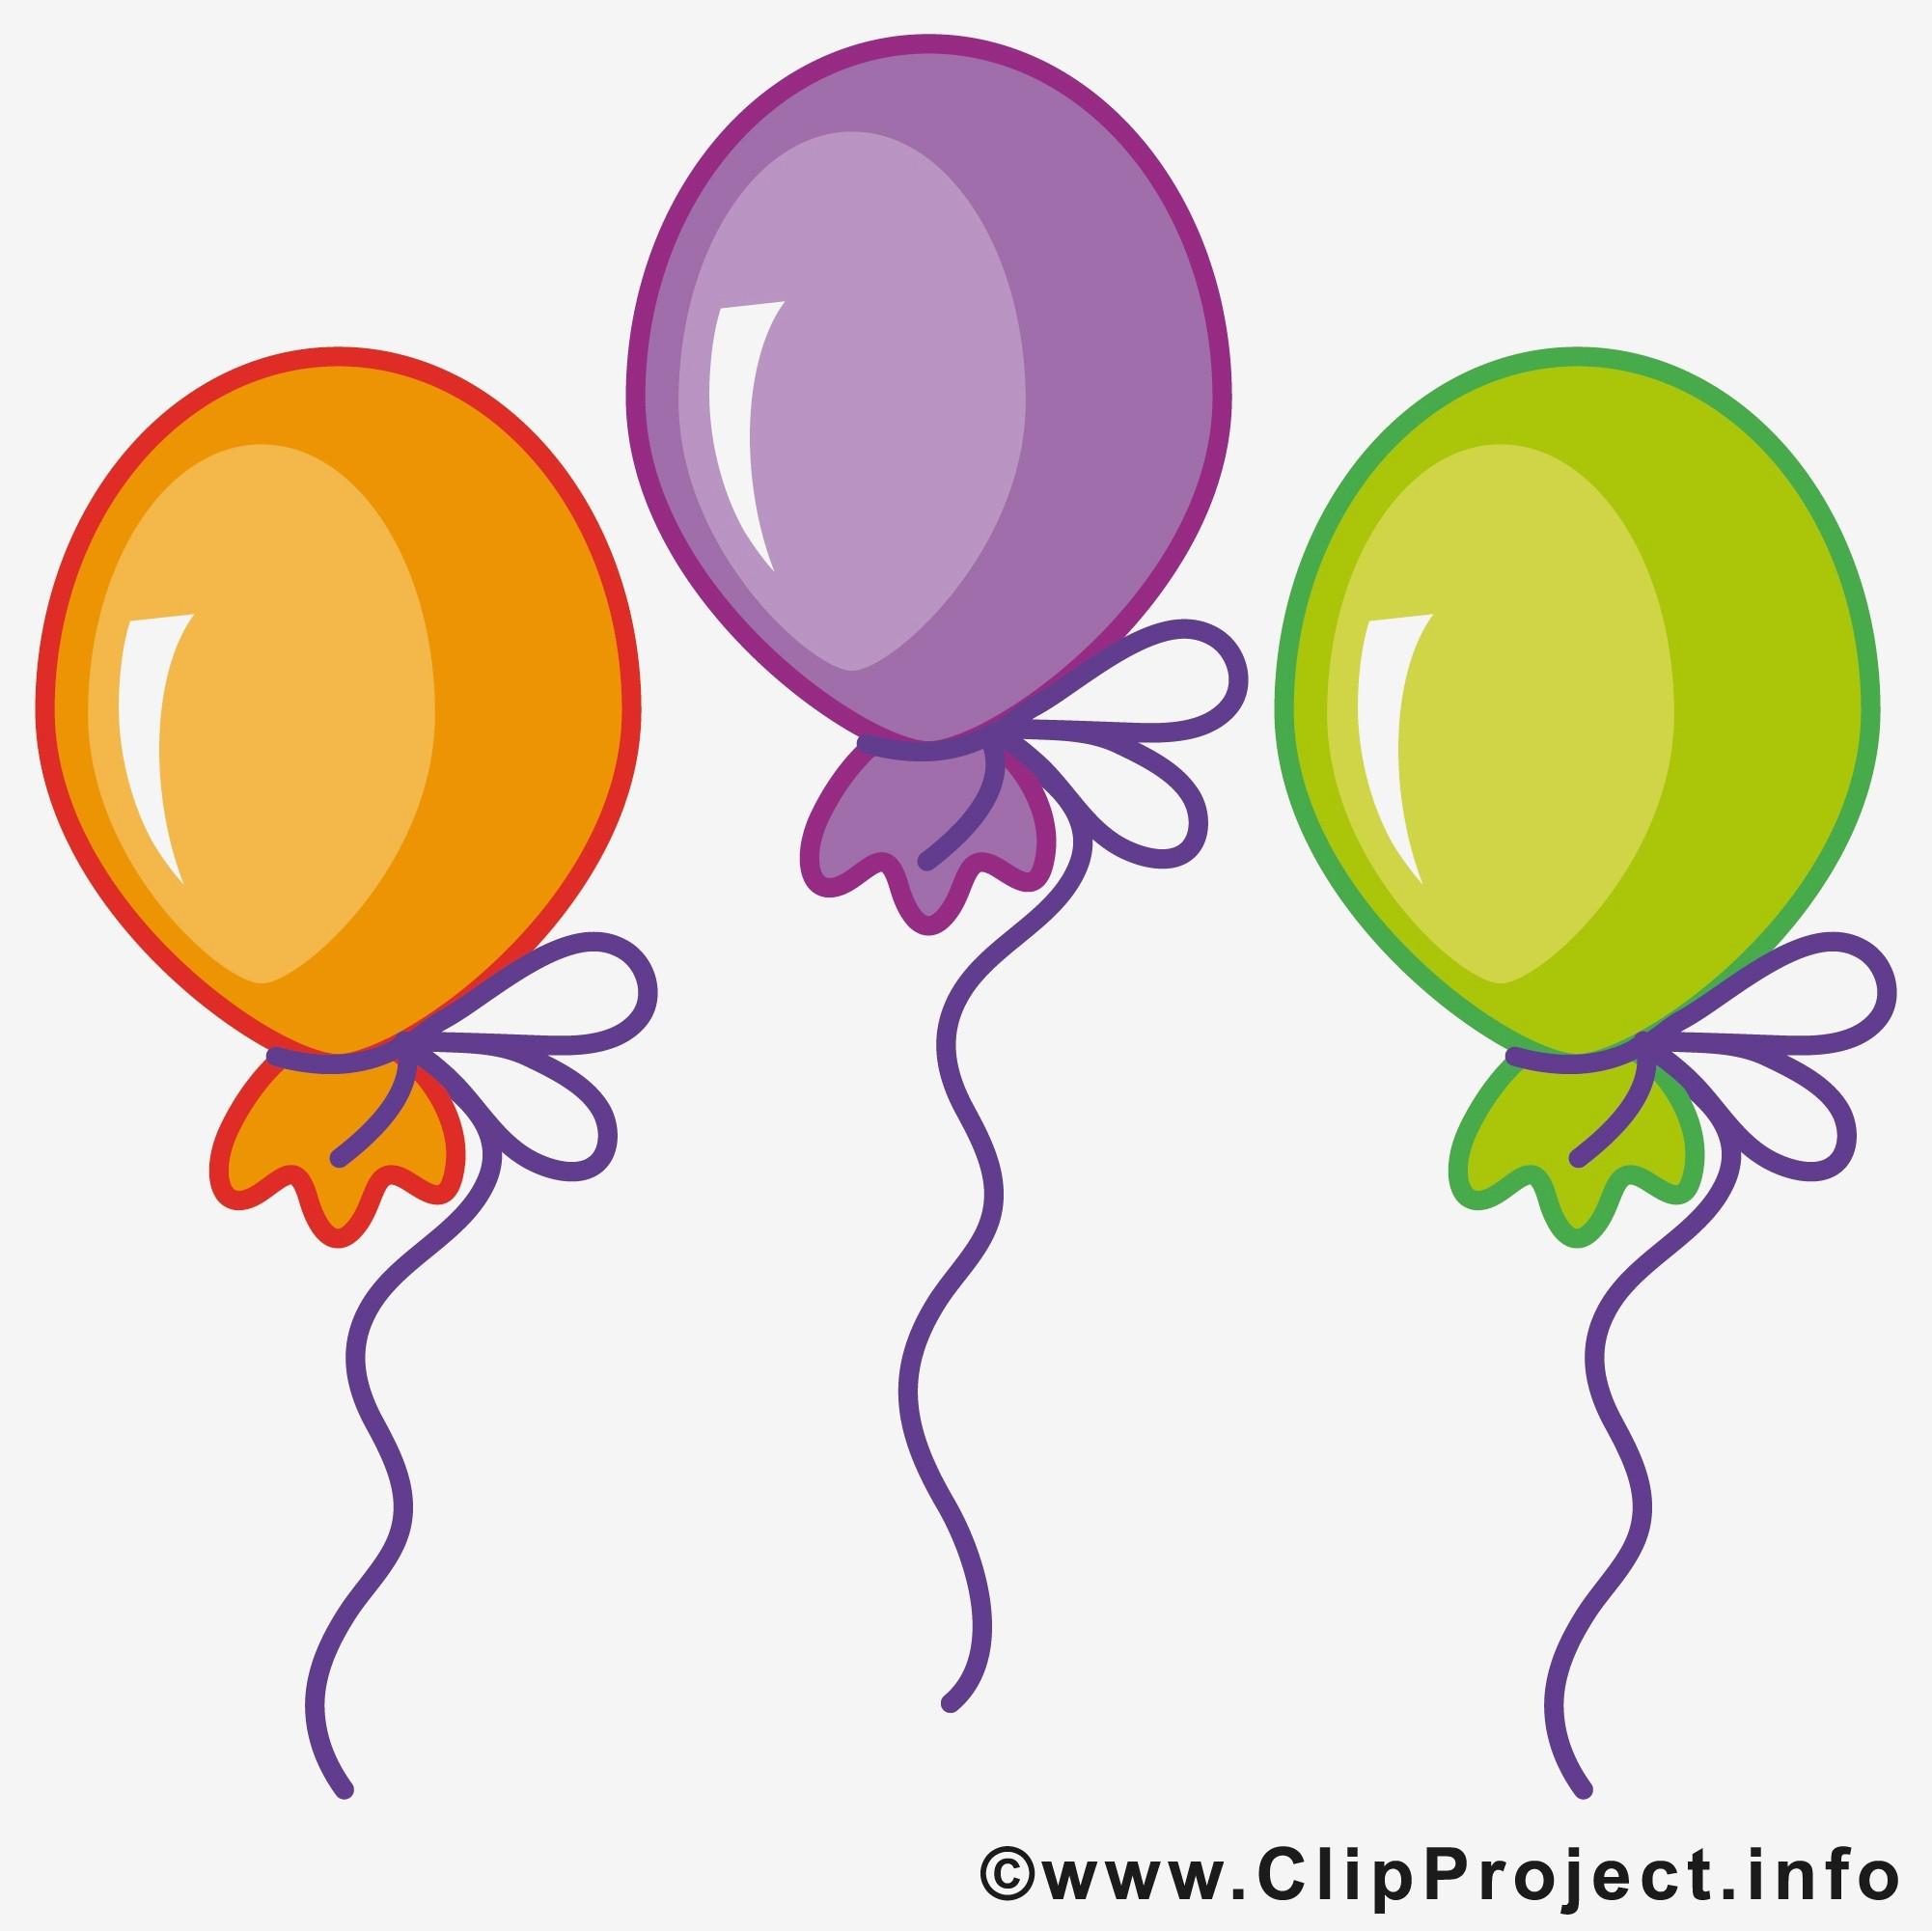 Bibi Und Tina Bilder Zum Drucken Frisch Malvorlagen Luftballons Kostenlos Bildergalerie & Bilder Zum Stock